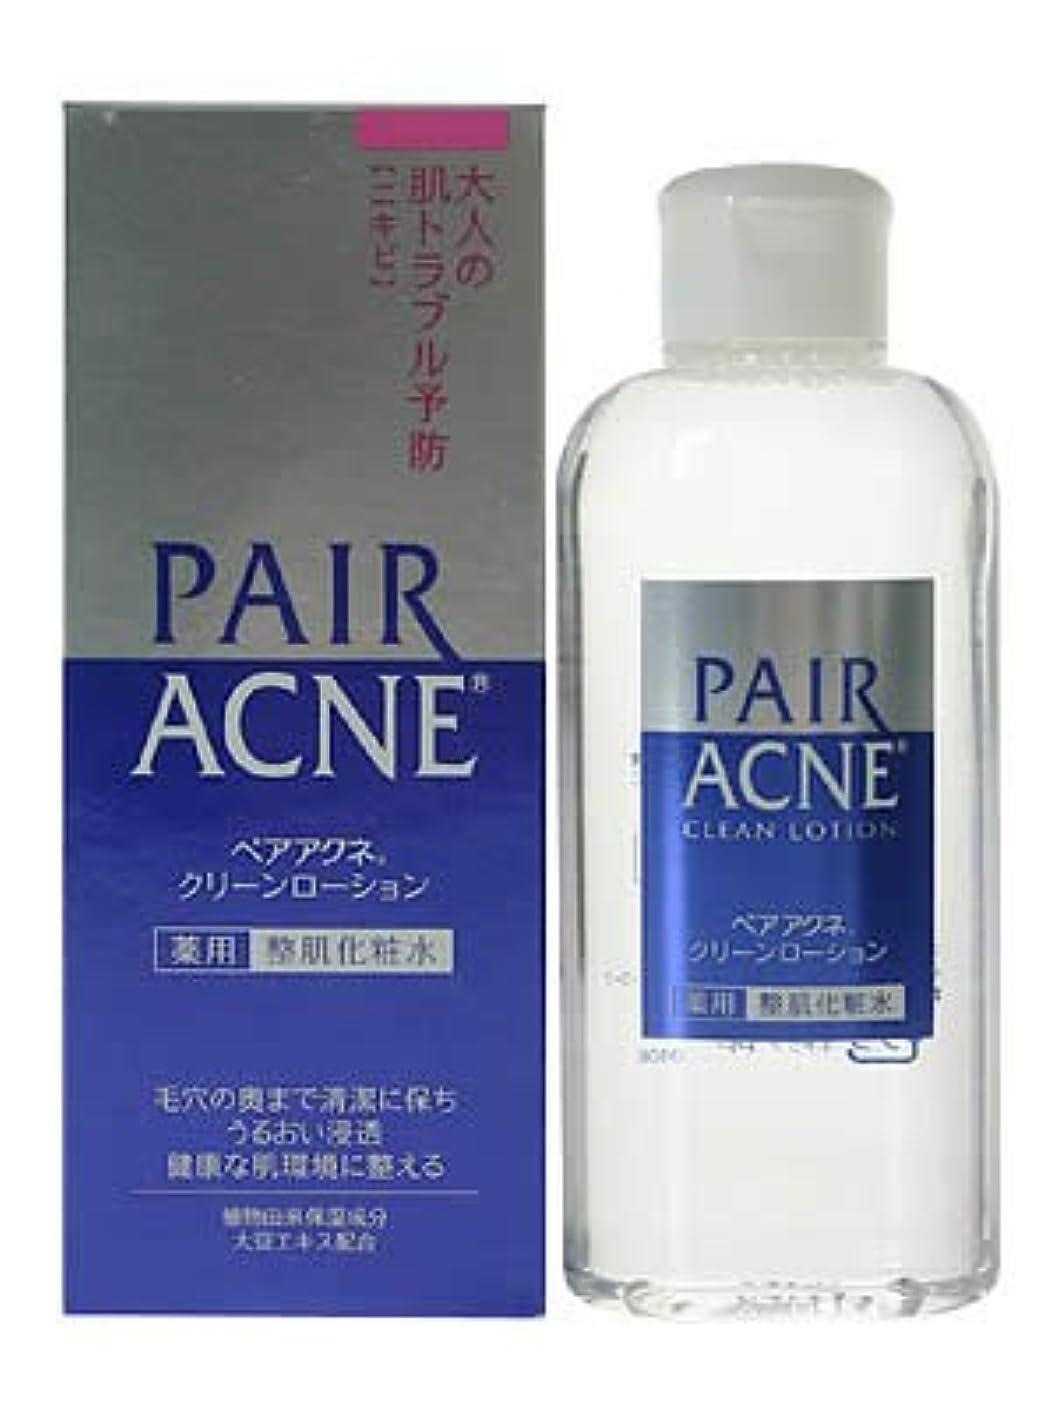 コマンドありがたいパノラマペアアクネ クリーンローション 160ml (薬用整肌化粧水)